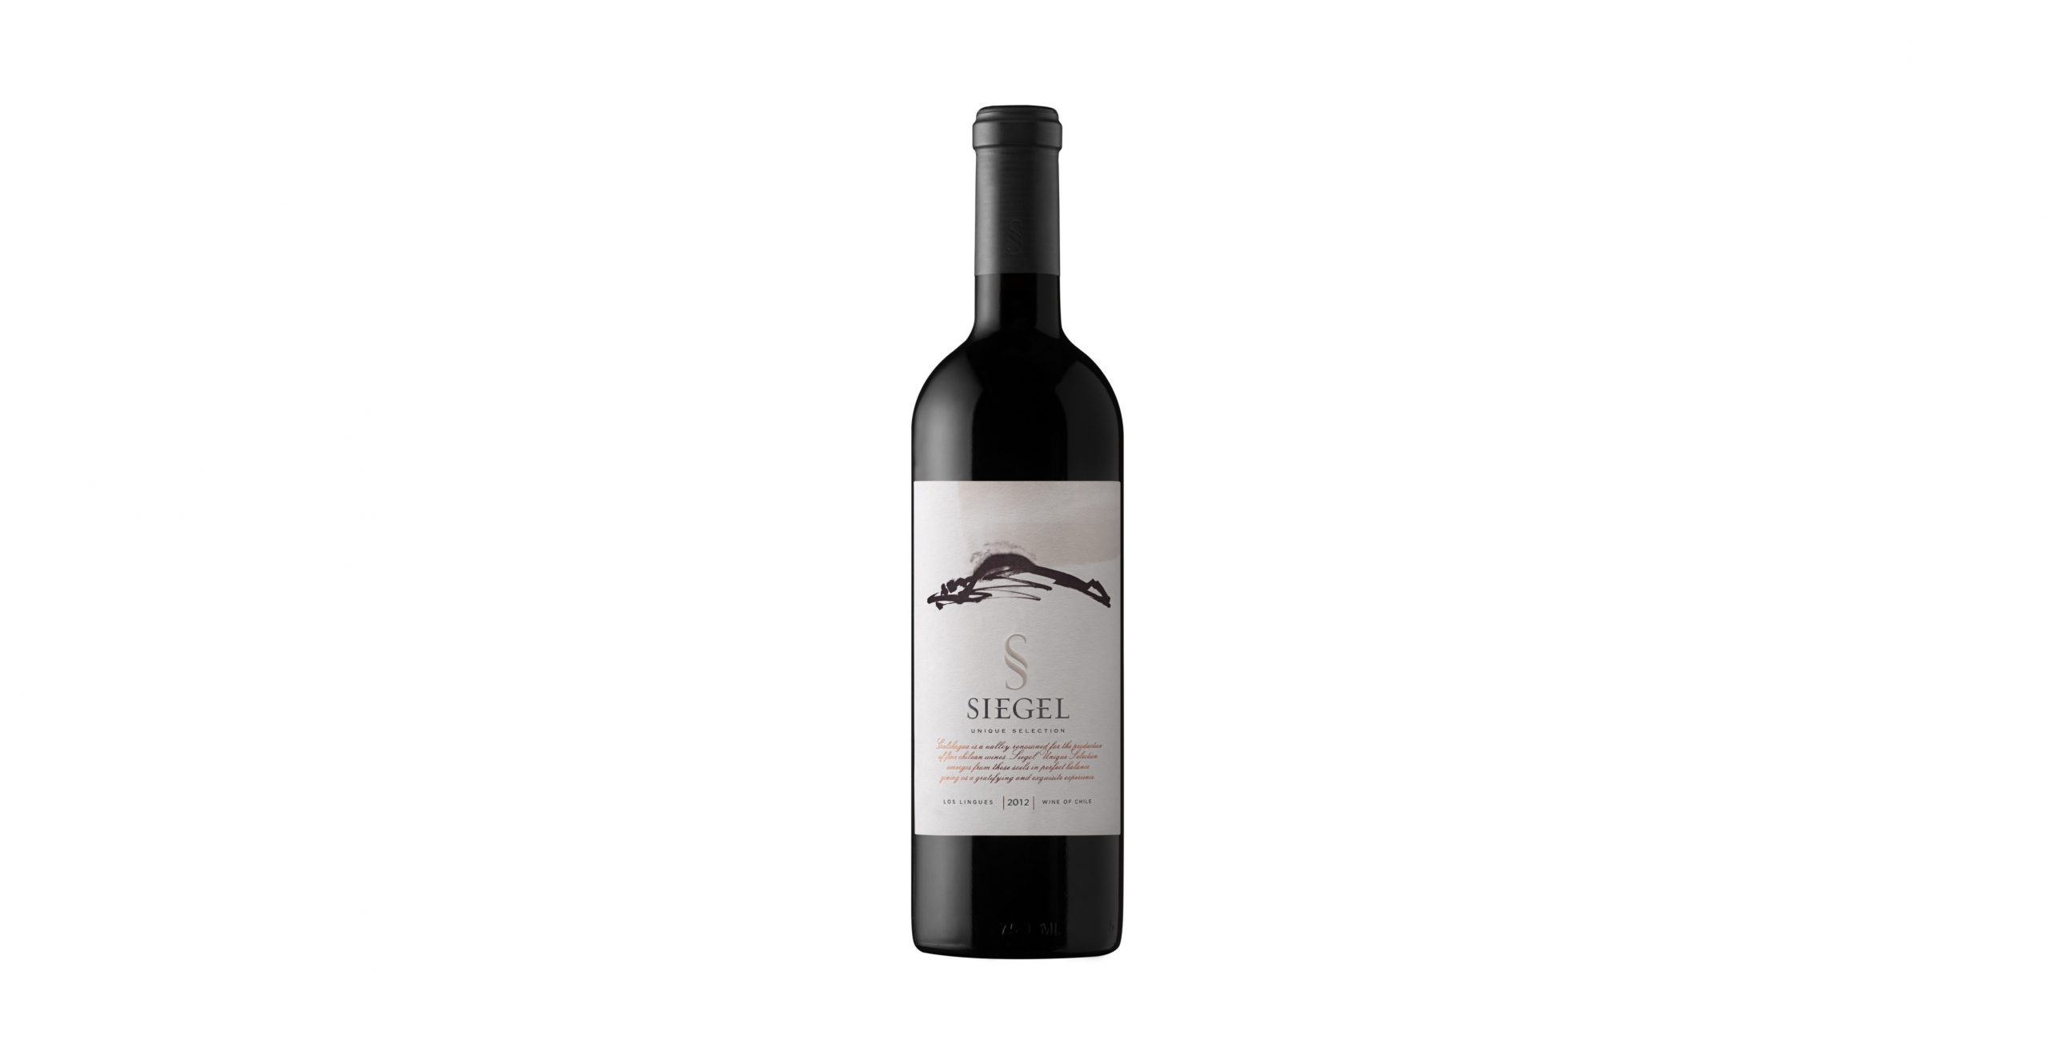 Siegel Unique Selection 2012, un vino ideal para compartir en Navidad